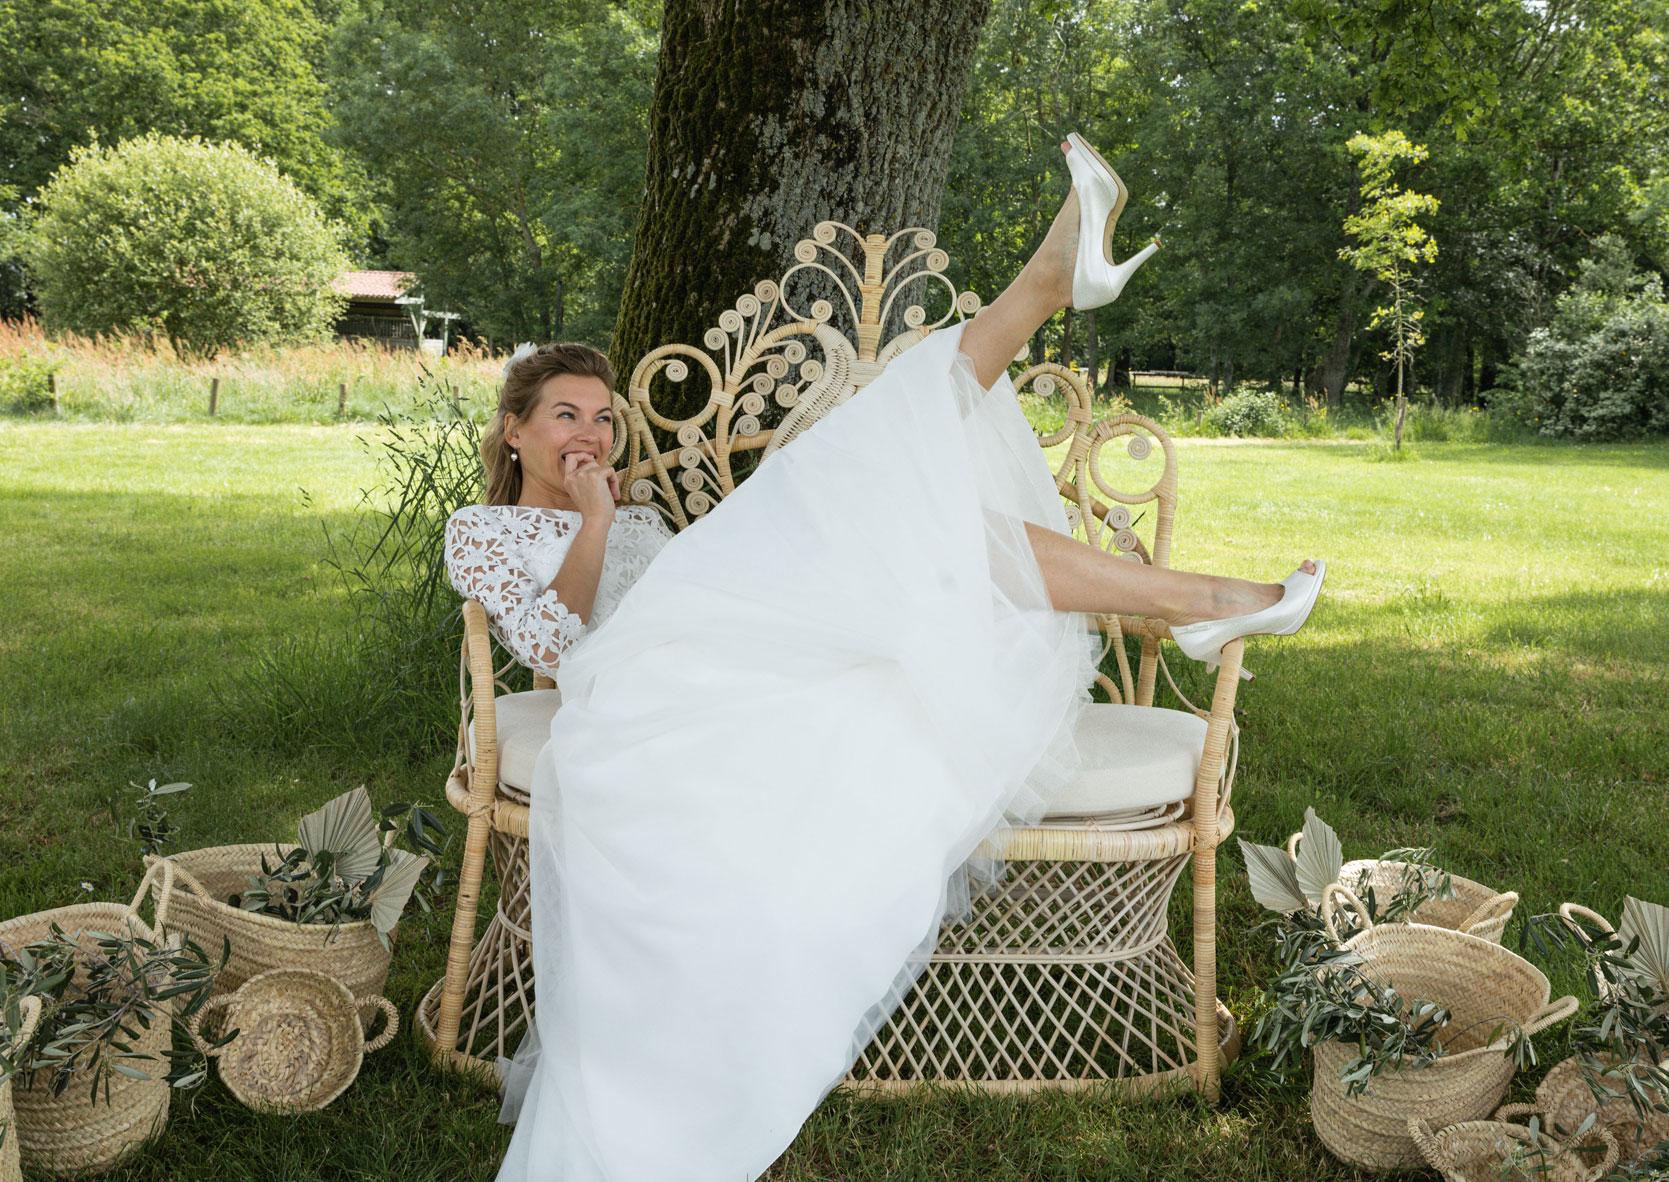 kurze Brautkleider 2020 - A Linie Kleid weiß kurz